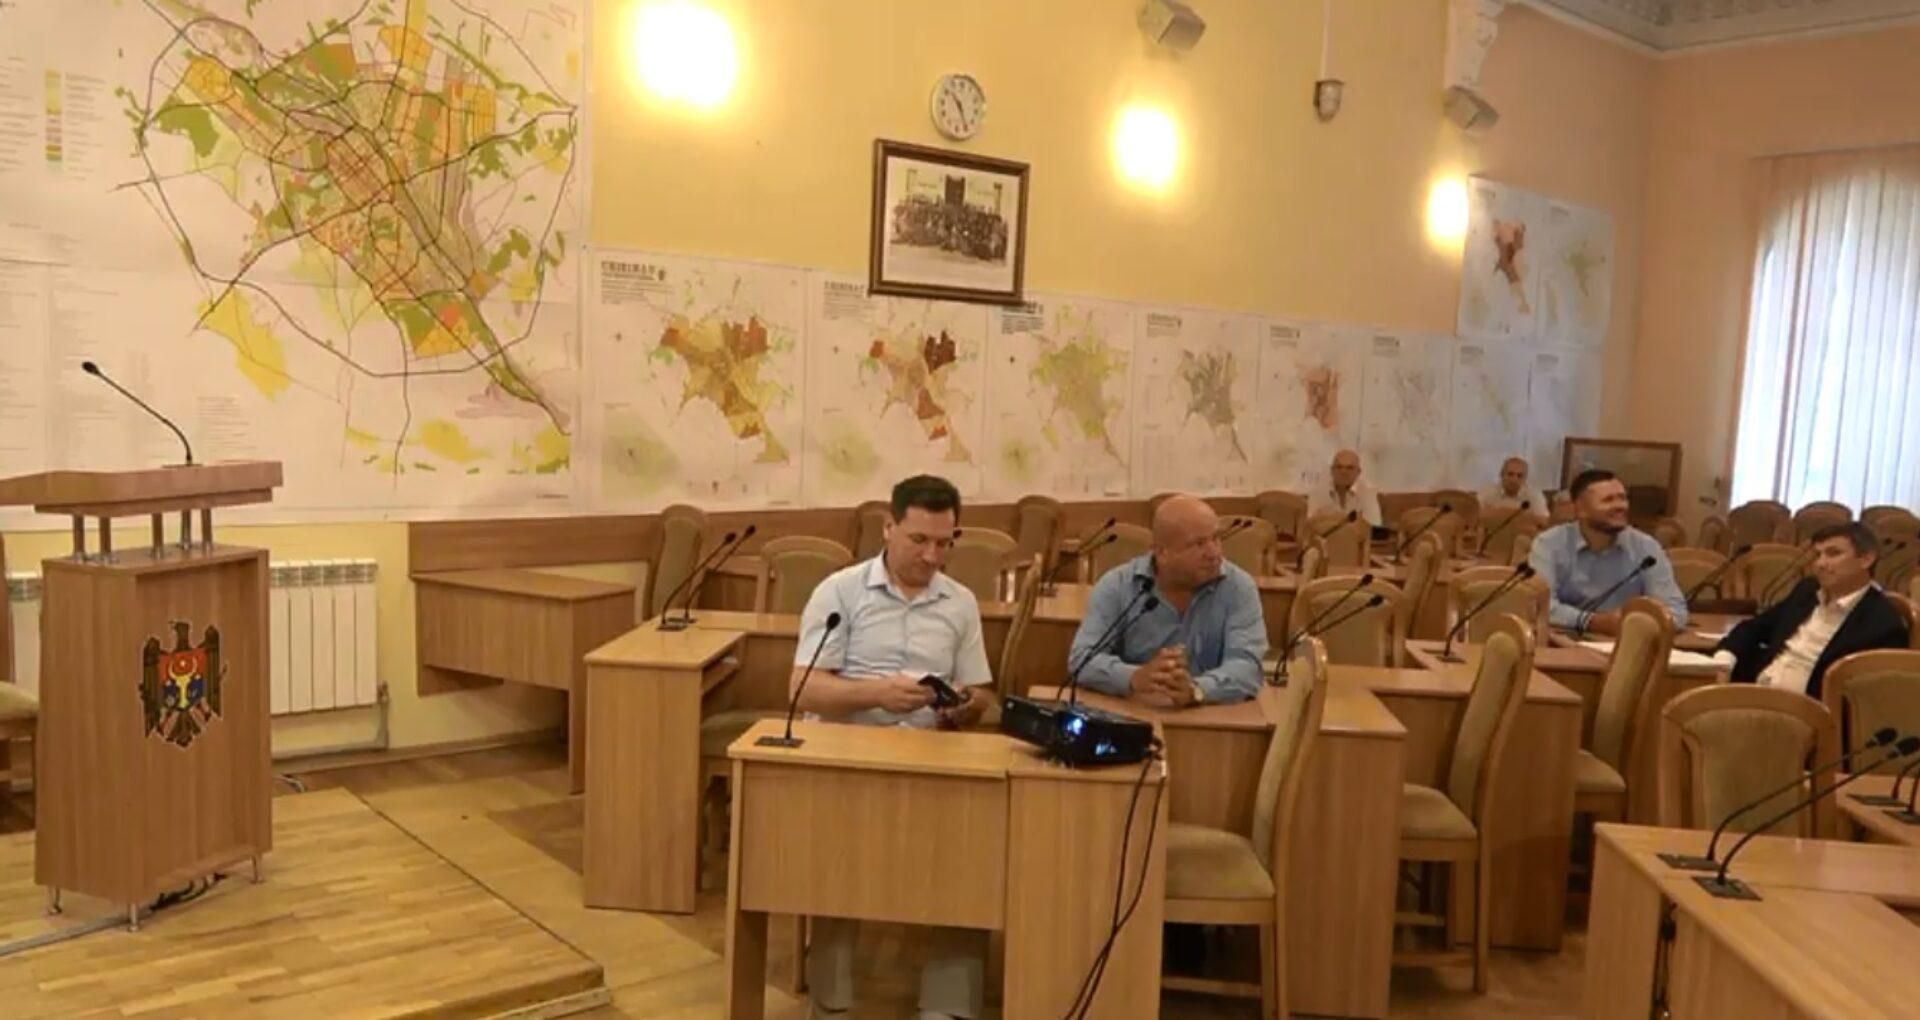 VIDEO/ Încă o ședință neproductivă în Consiliul Municipal Chișinău